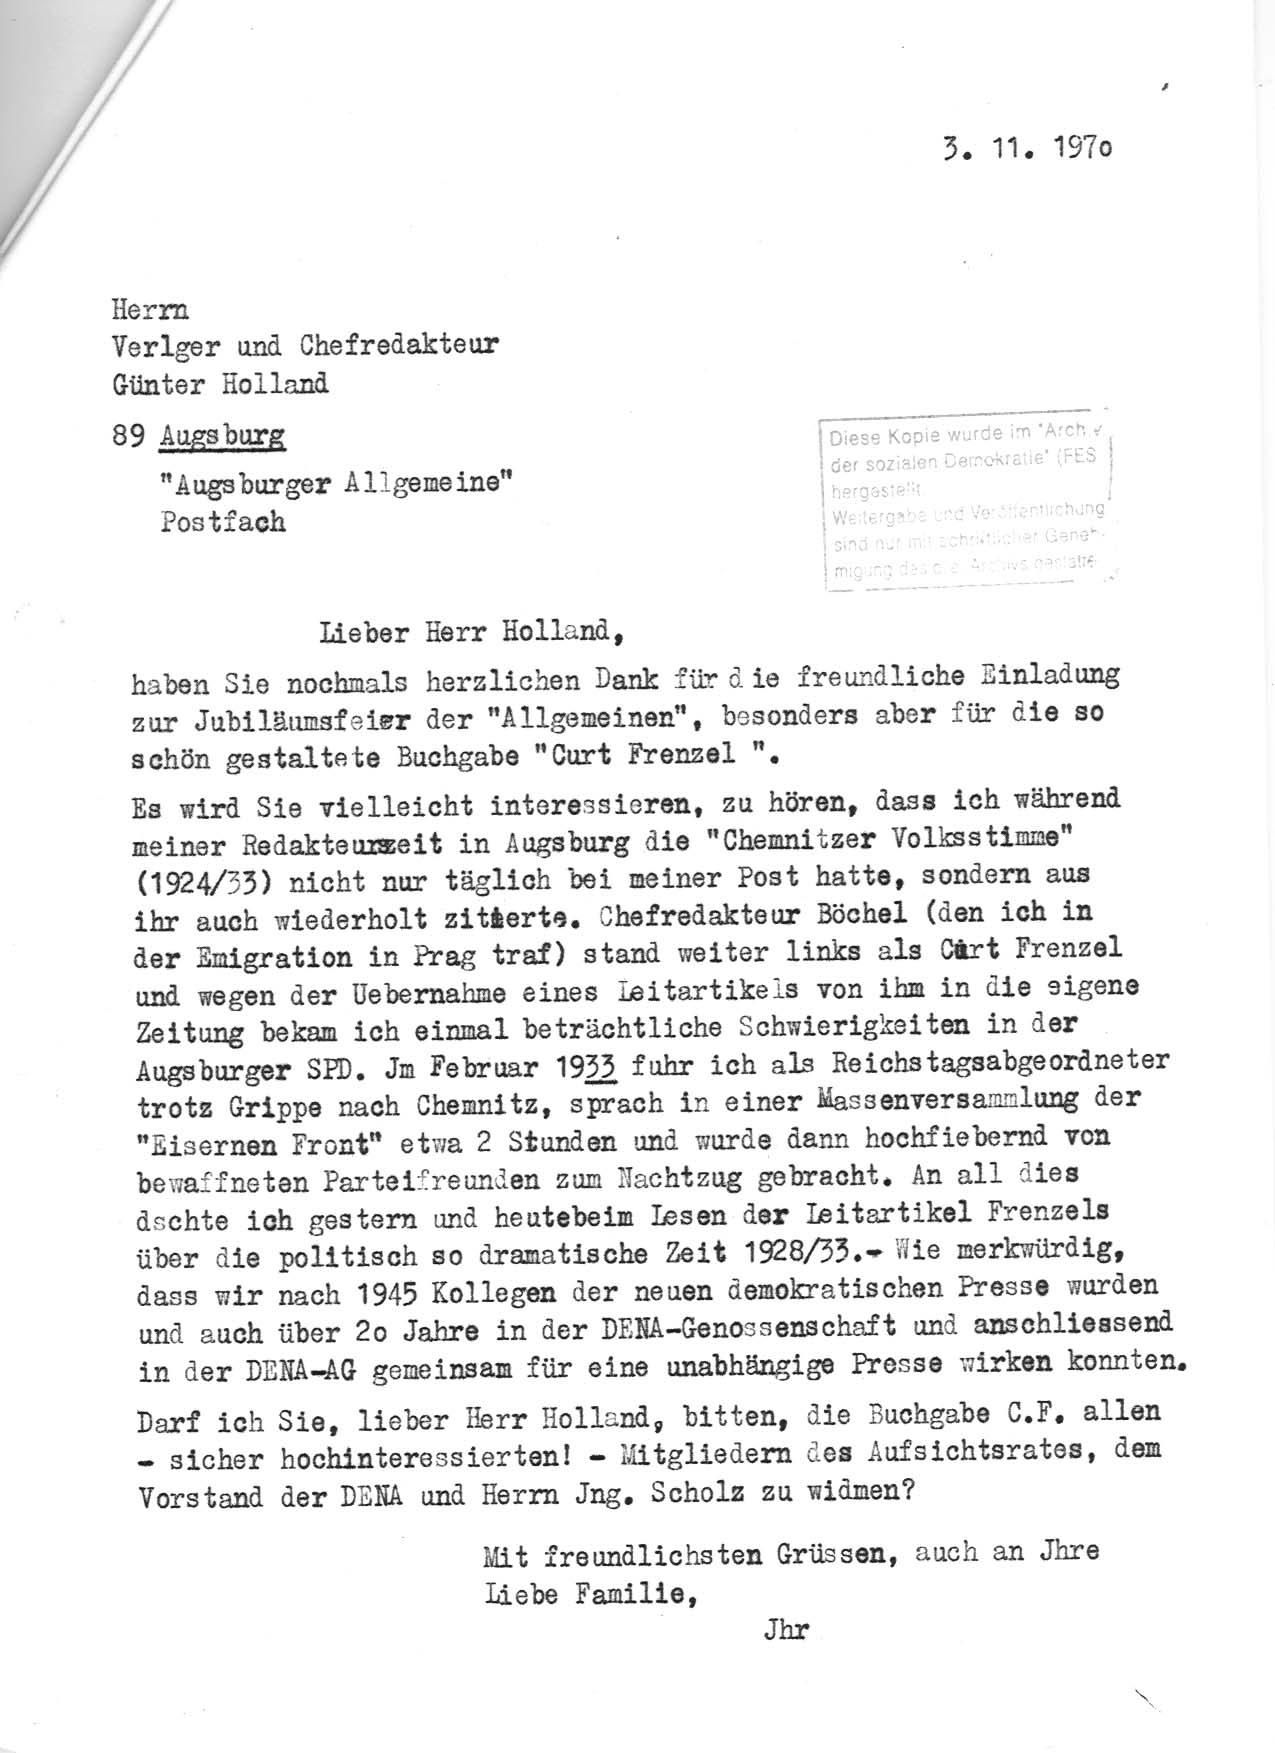 prjekt: jf - korrespondenzen, Einladungen